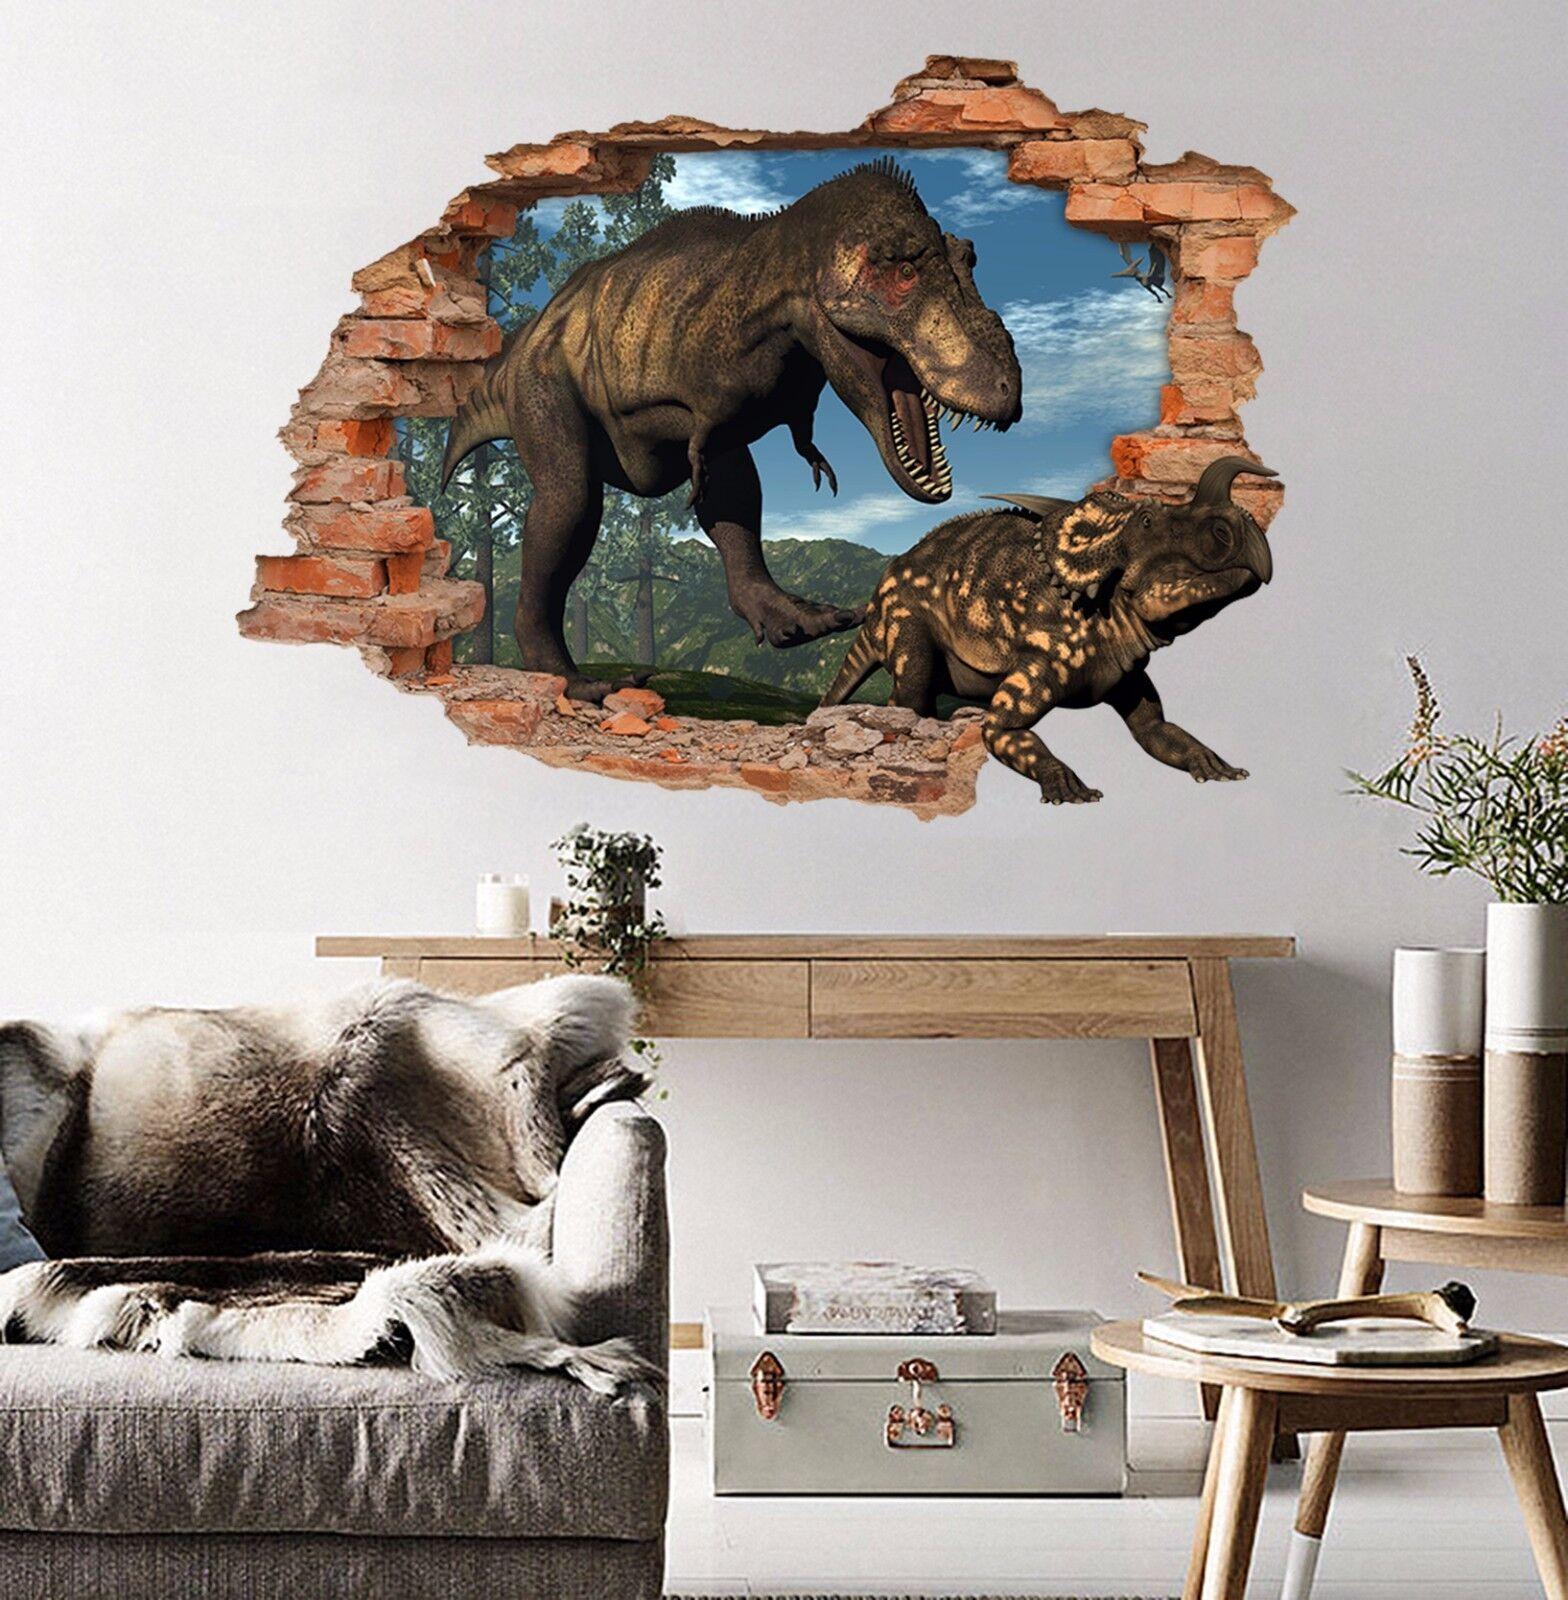 3D Dinosaurier 641 Mauer Murals Aufklebe Decal Durchbruch AJ WALLPAPER DE Kyra